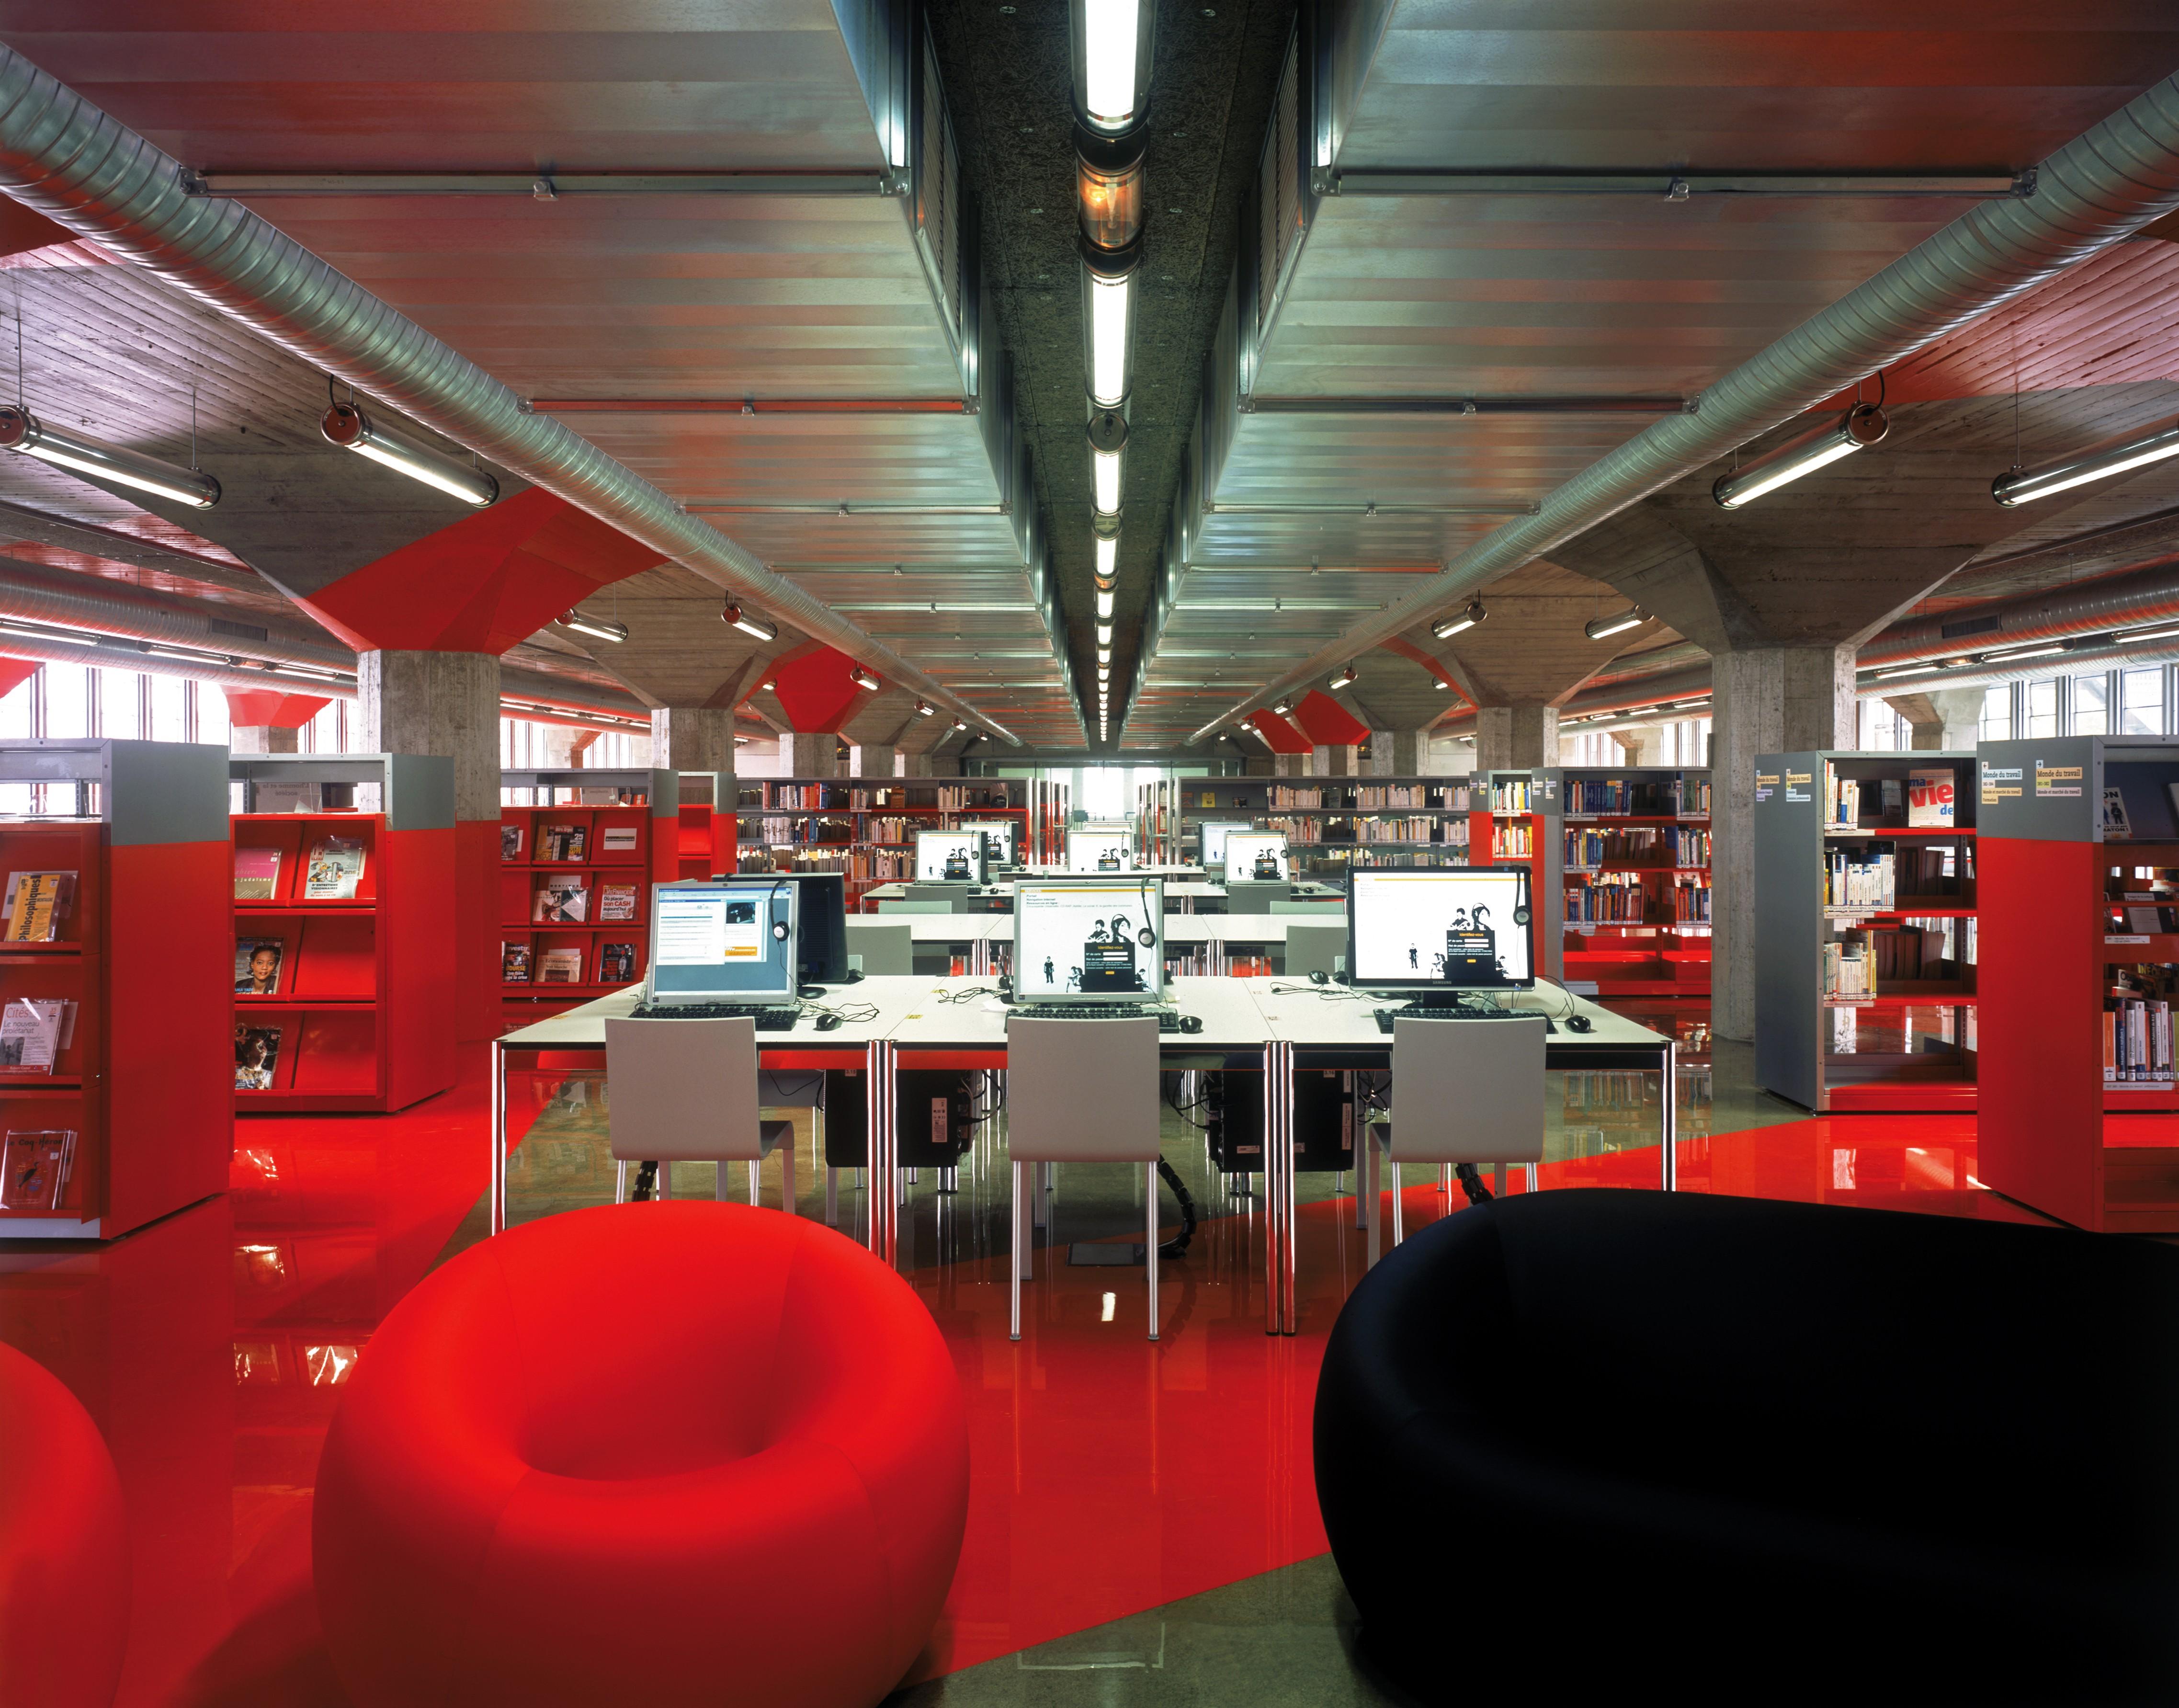 Download media center furniture plans plans free for Media center plans